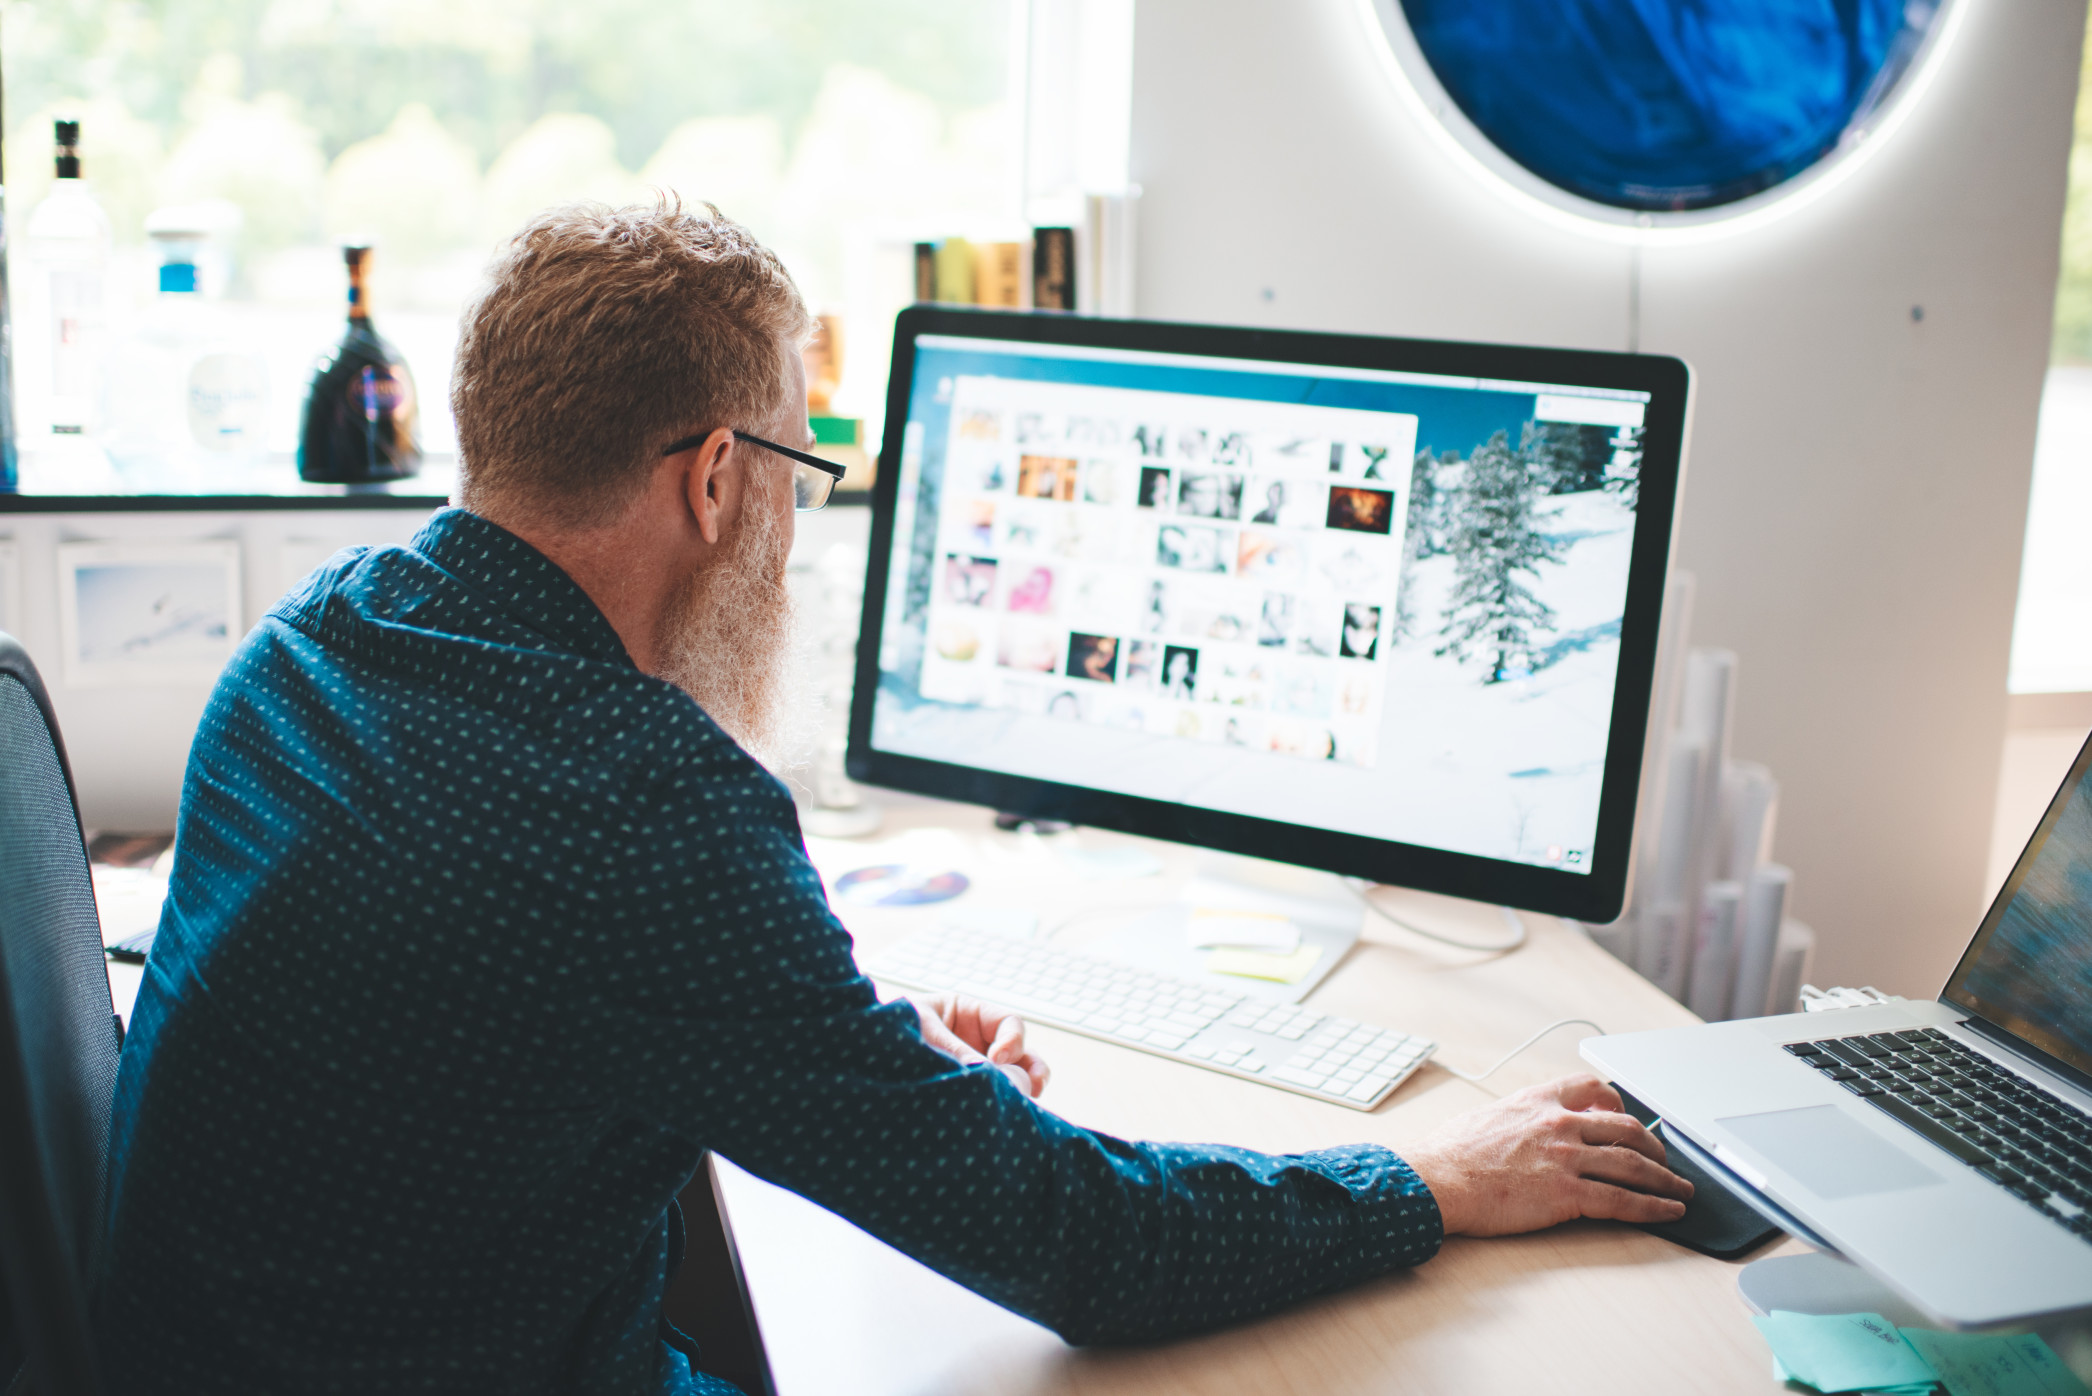 Réaliser un site web dans les meilleurs conditions possibles